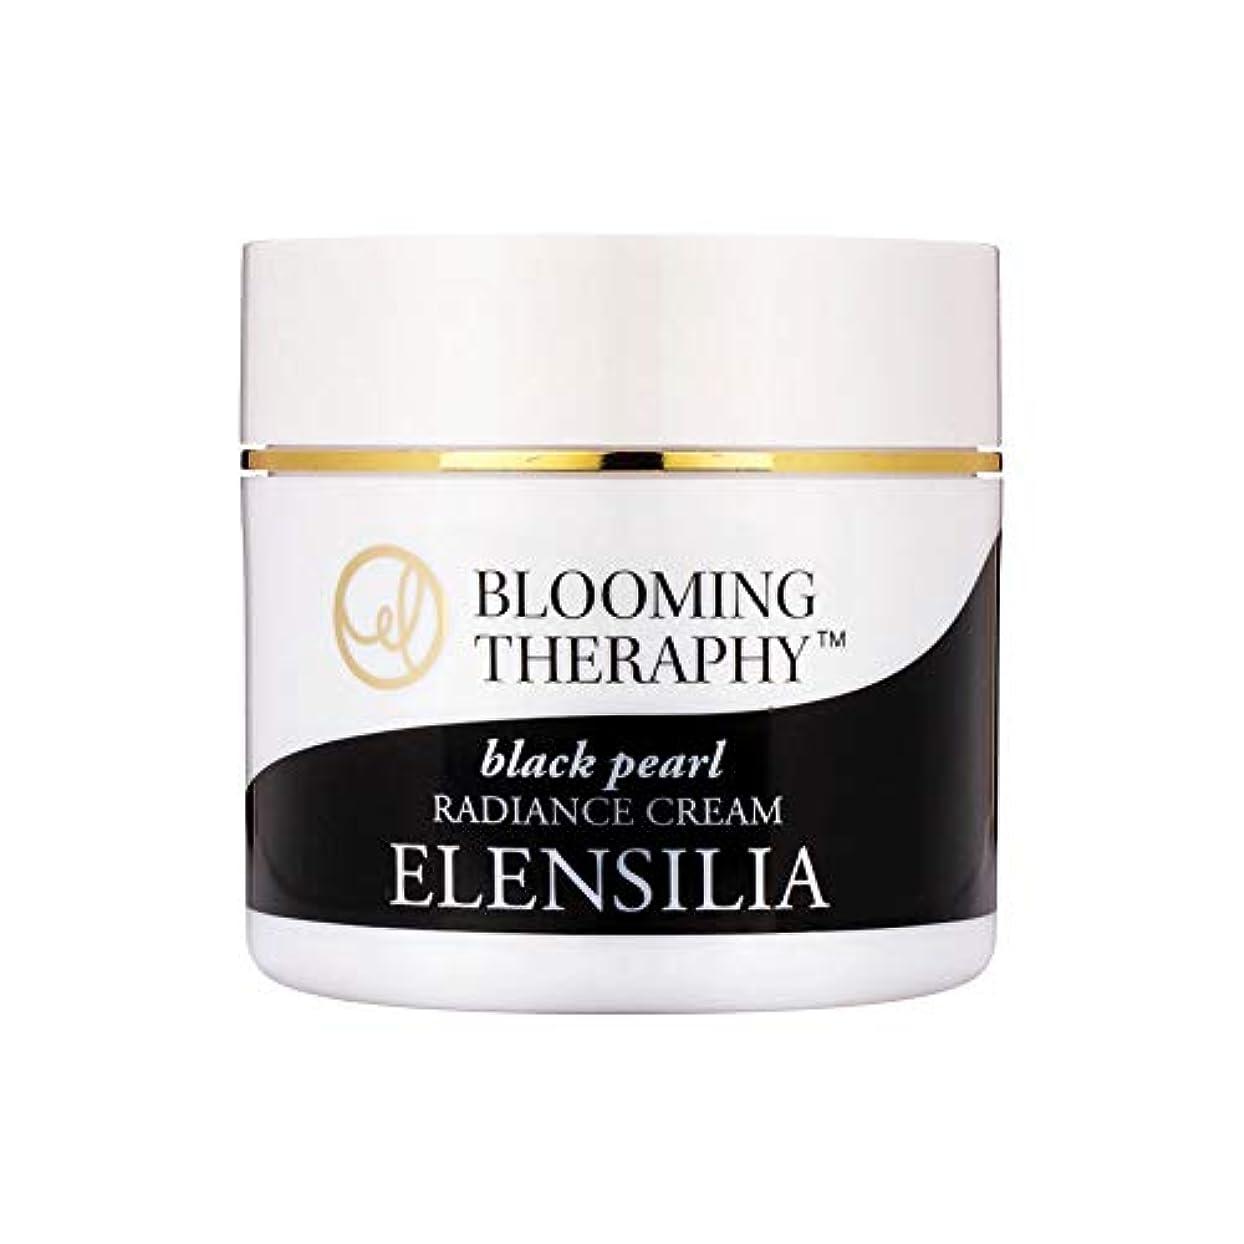 以内に応用デンマークエルレンシルラElensilia 韓国コスメ ブルーミングセラピー黒真珠ラディアンスクリーム50g 海外直送品 Blooming Theraphy Black Pearl Radiance Cream [並行輸入品]